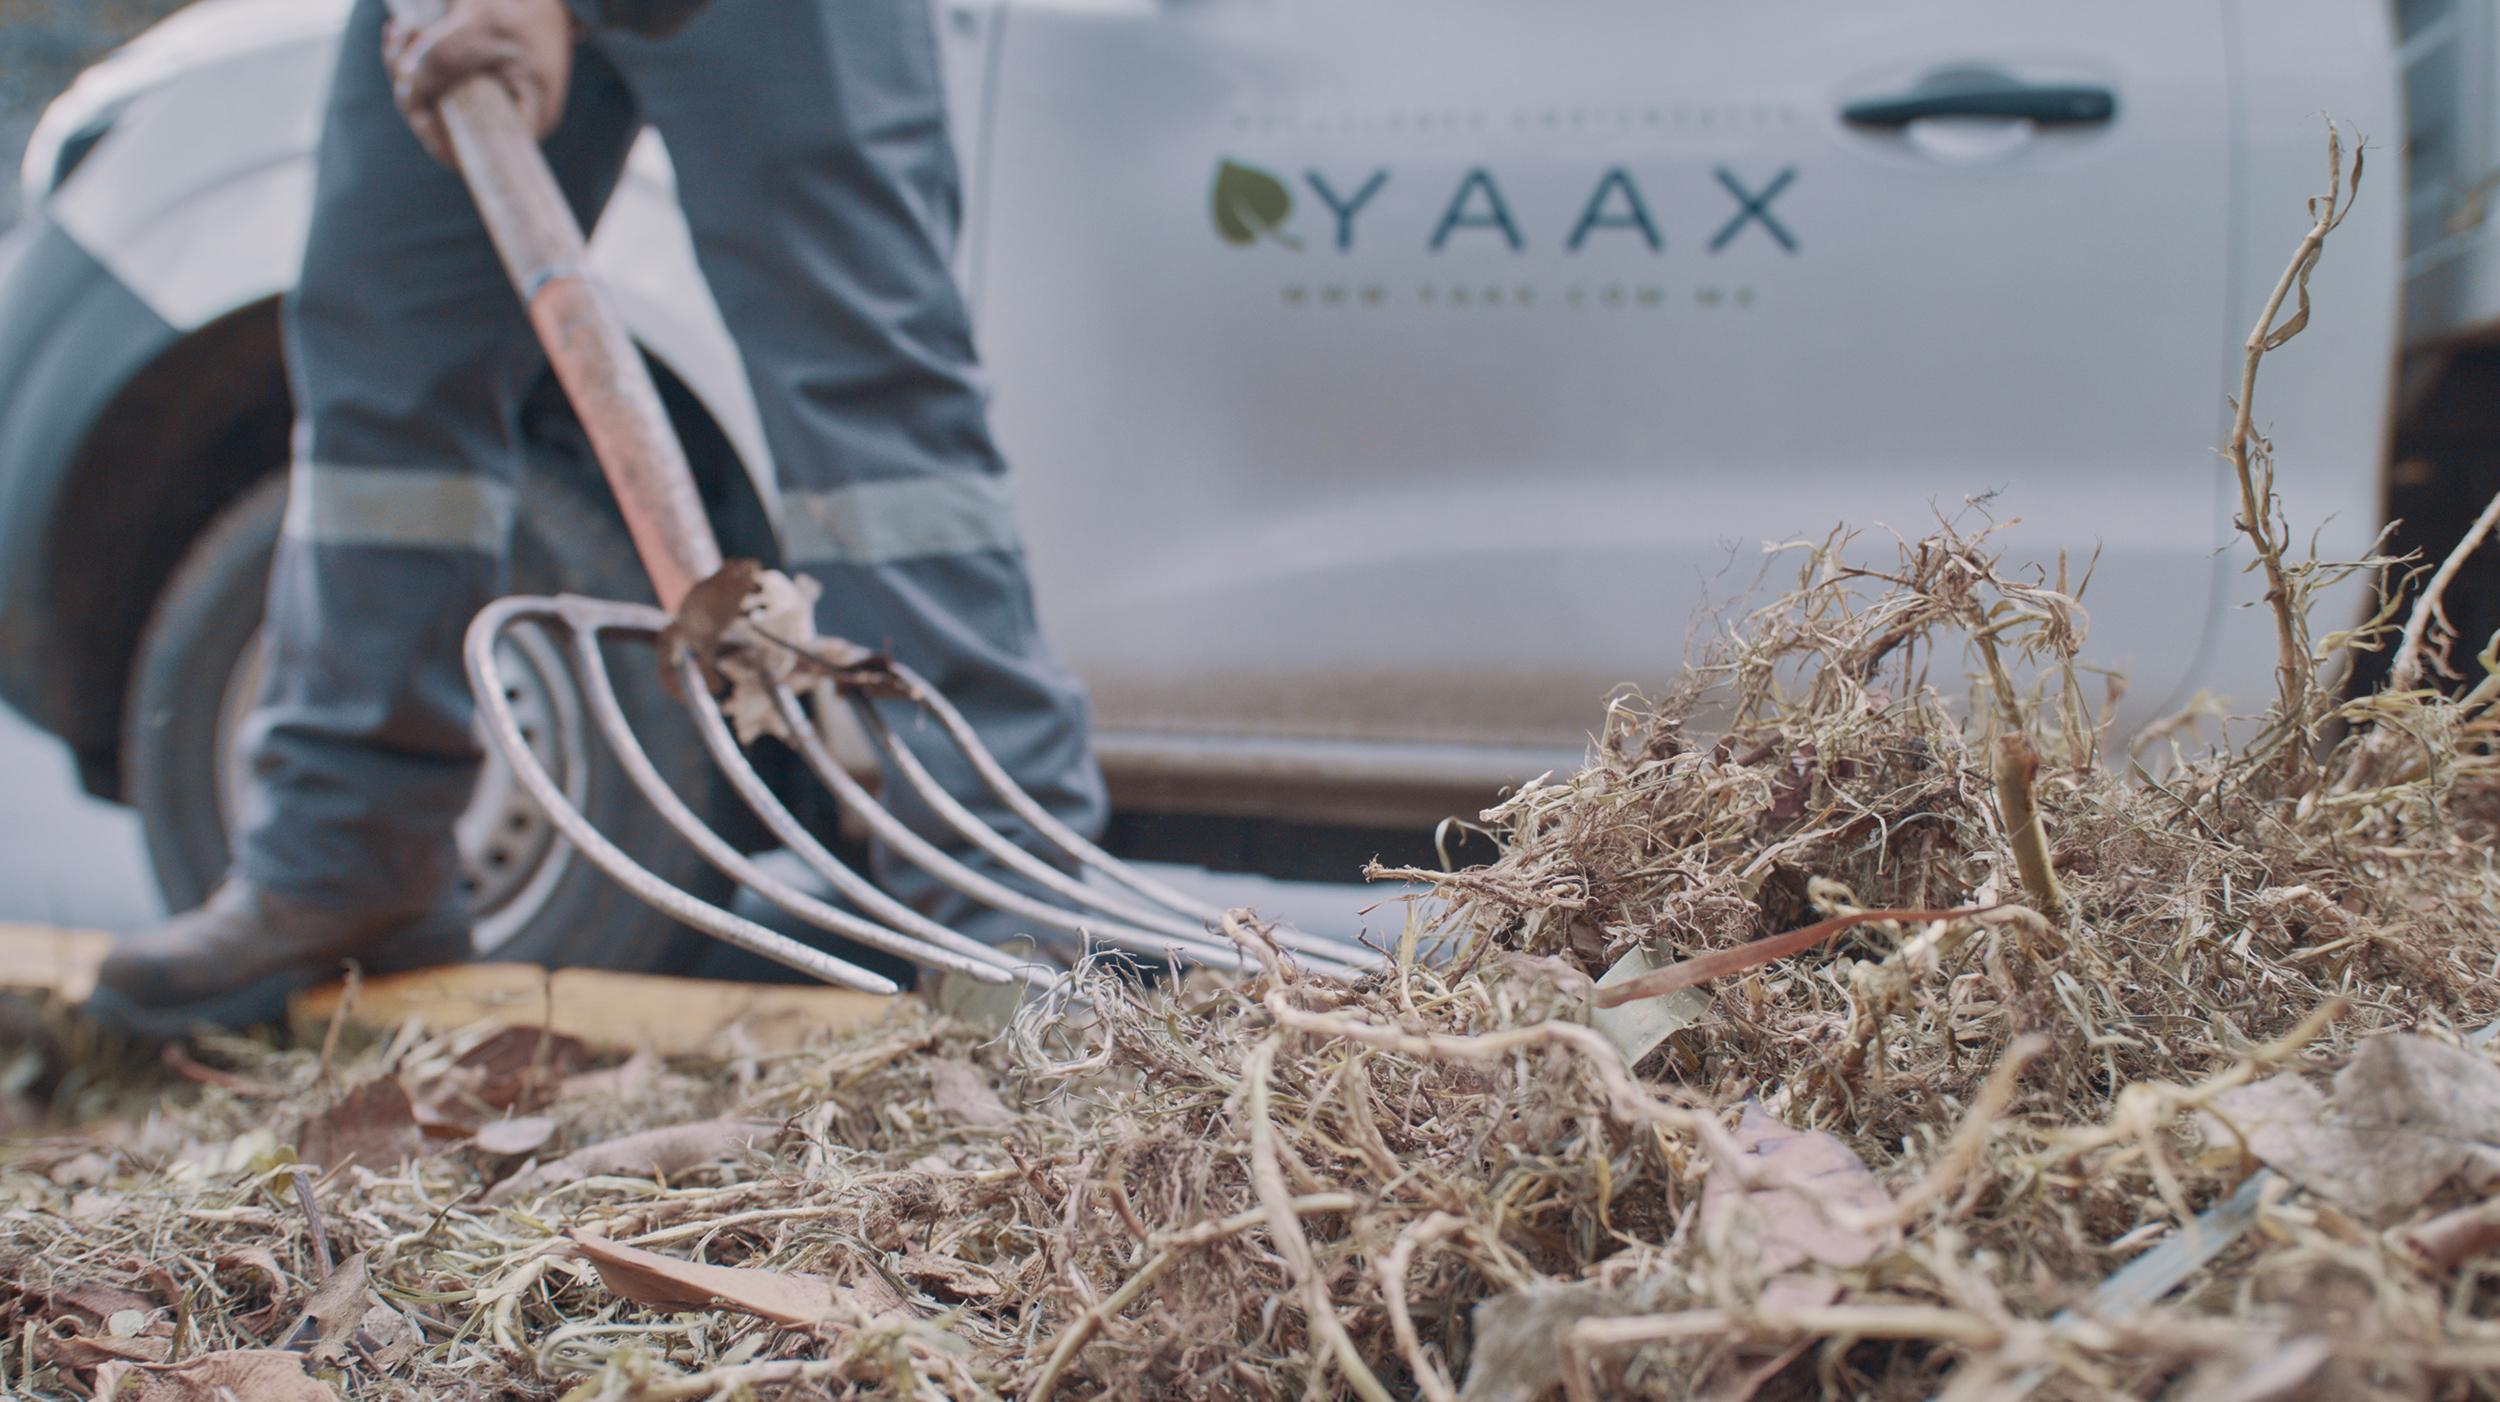 YAAX 9.jpg